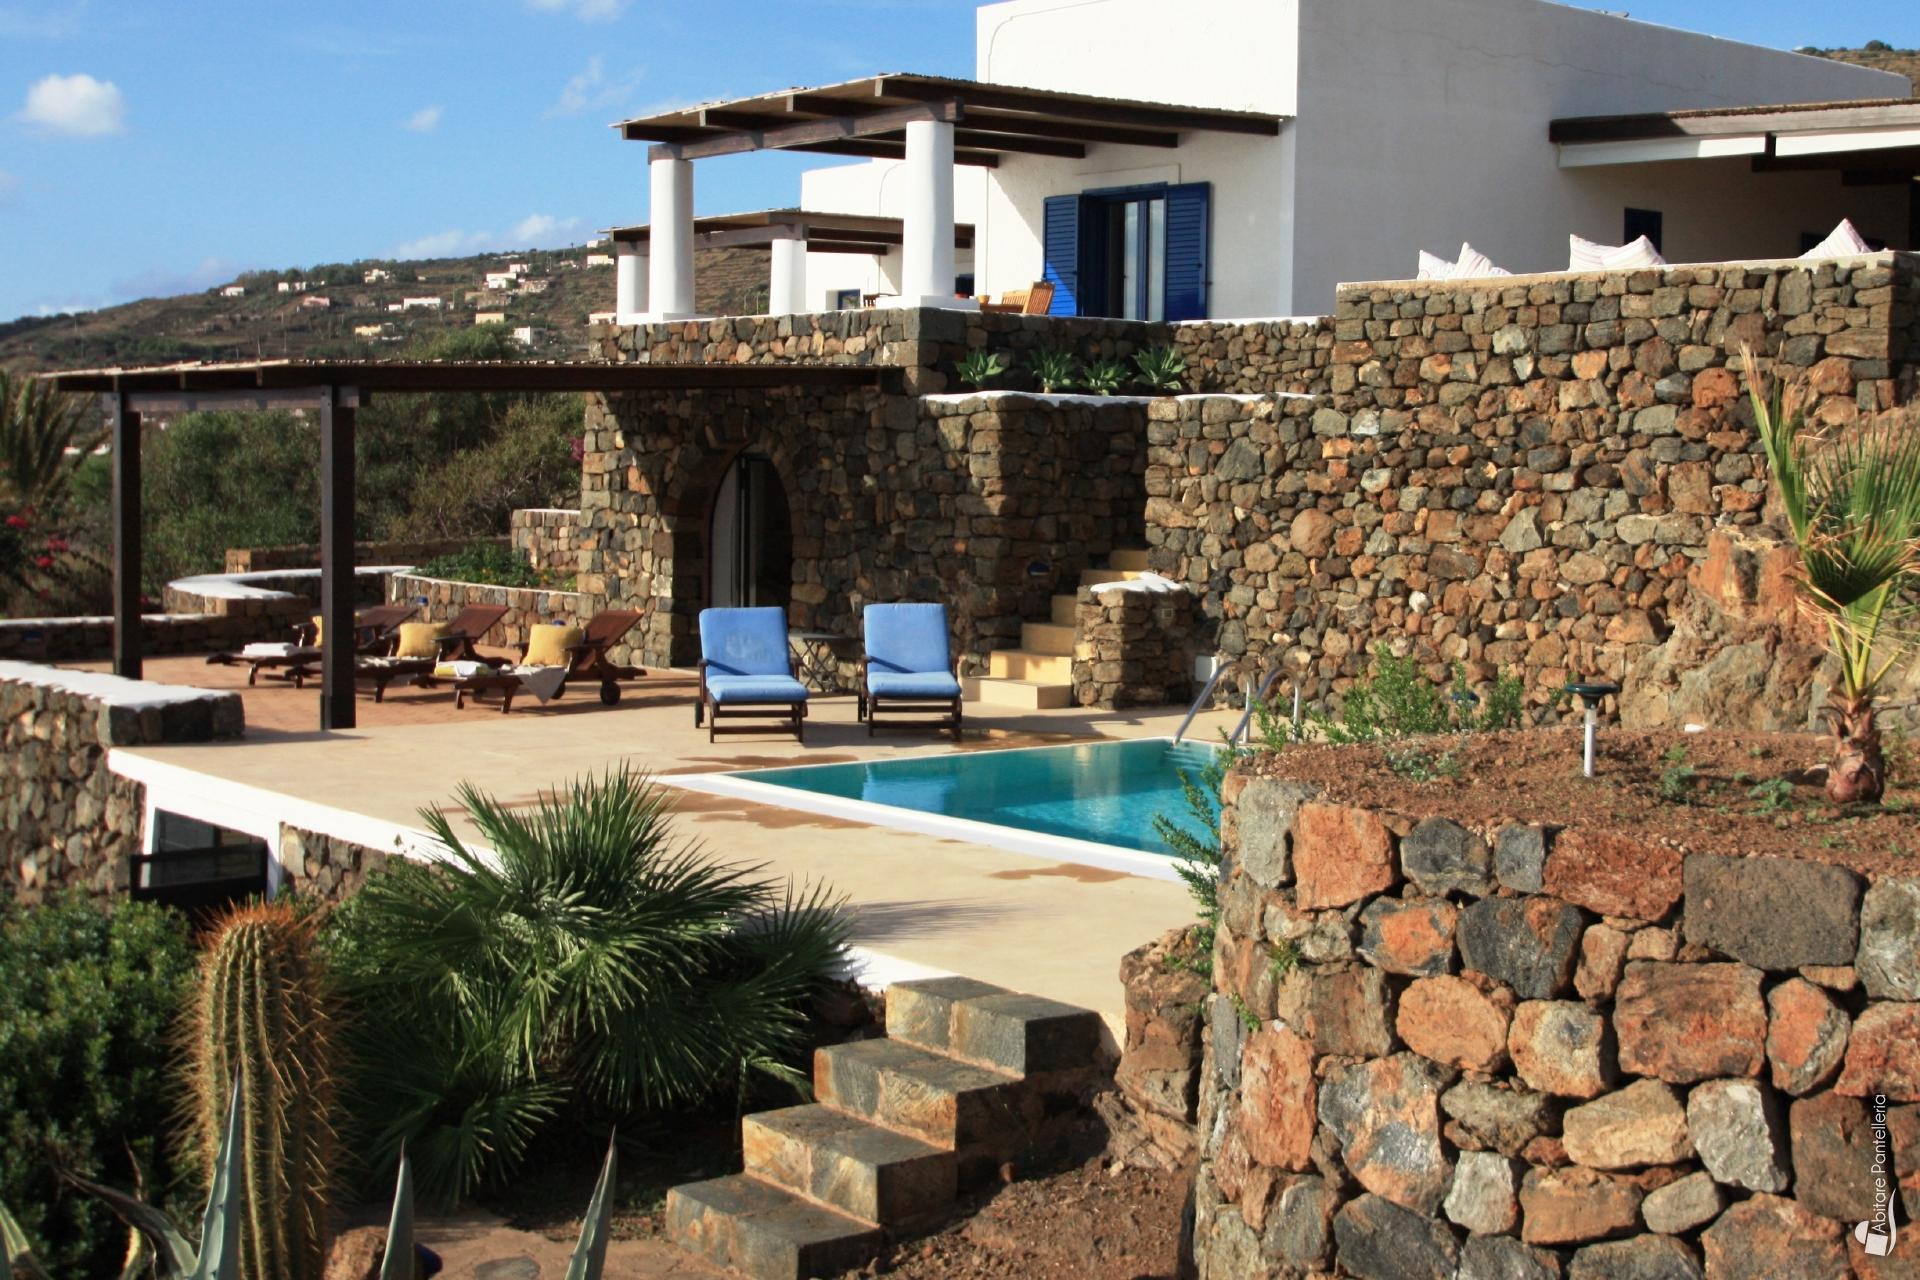 Scauri panoramico abitare pantelleria - Dammusi con piscina pantelleria ...